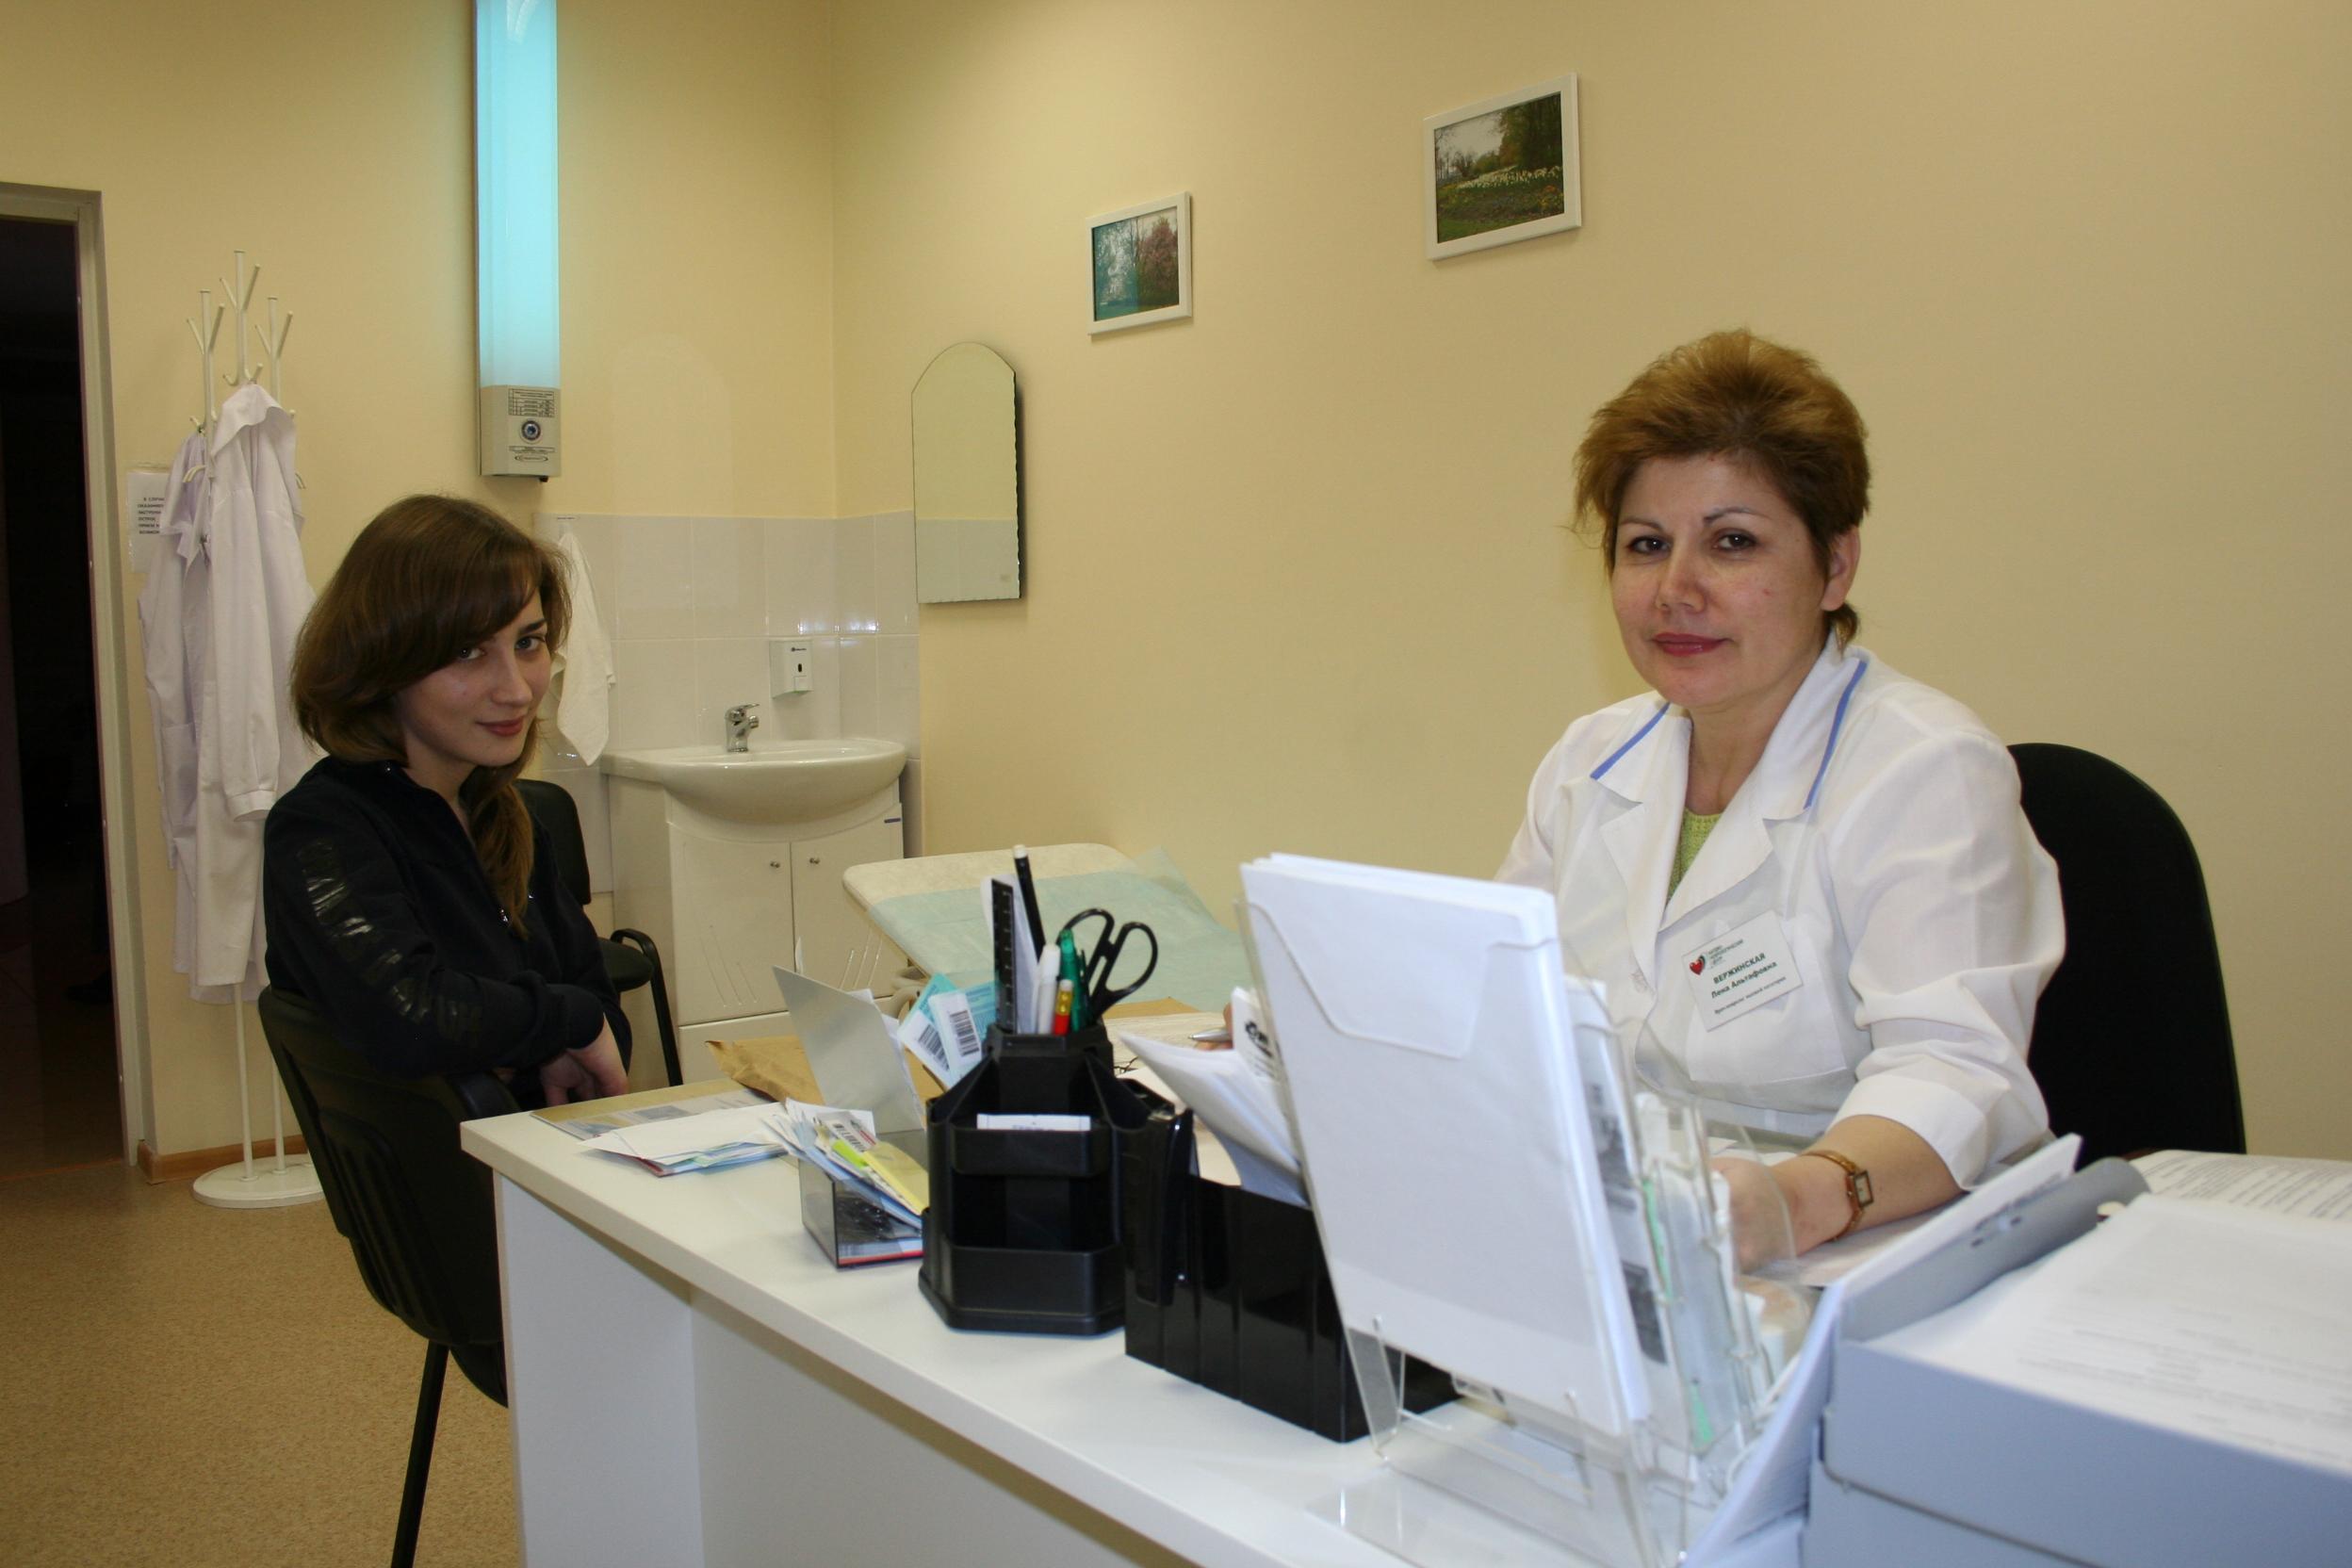 Фото на приёме у врача 30 фотография